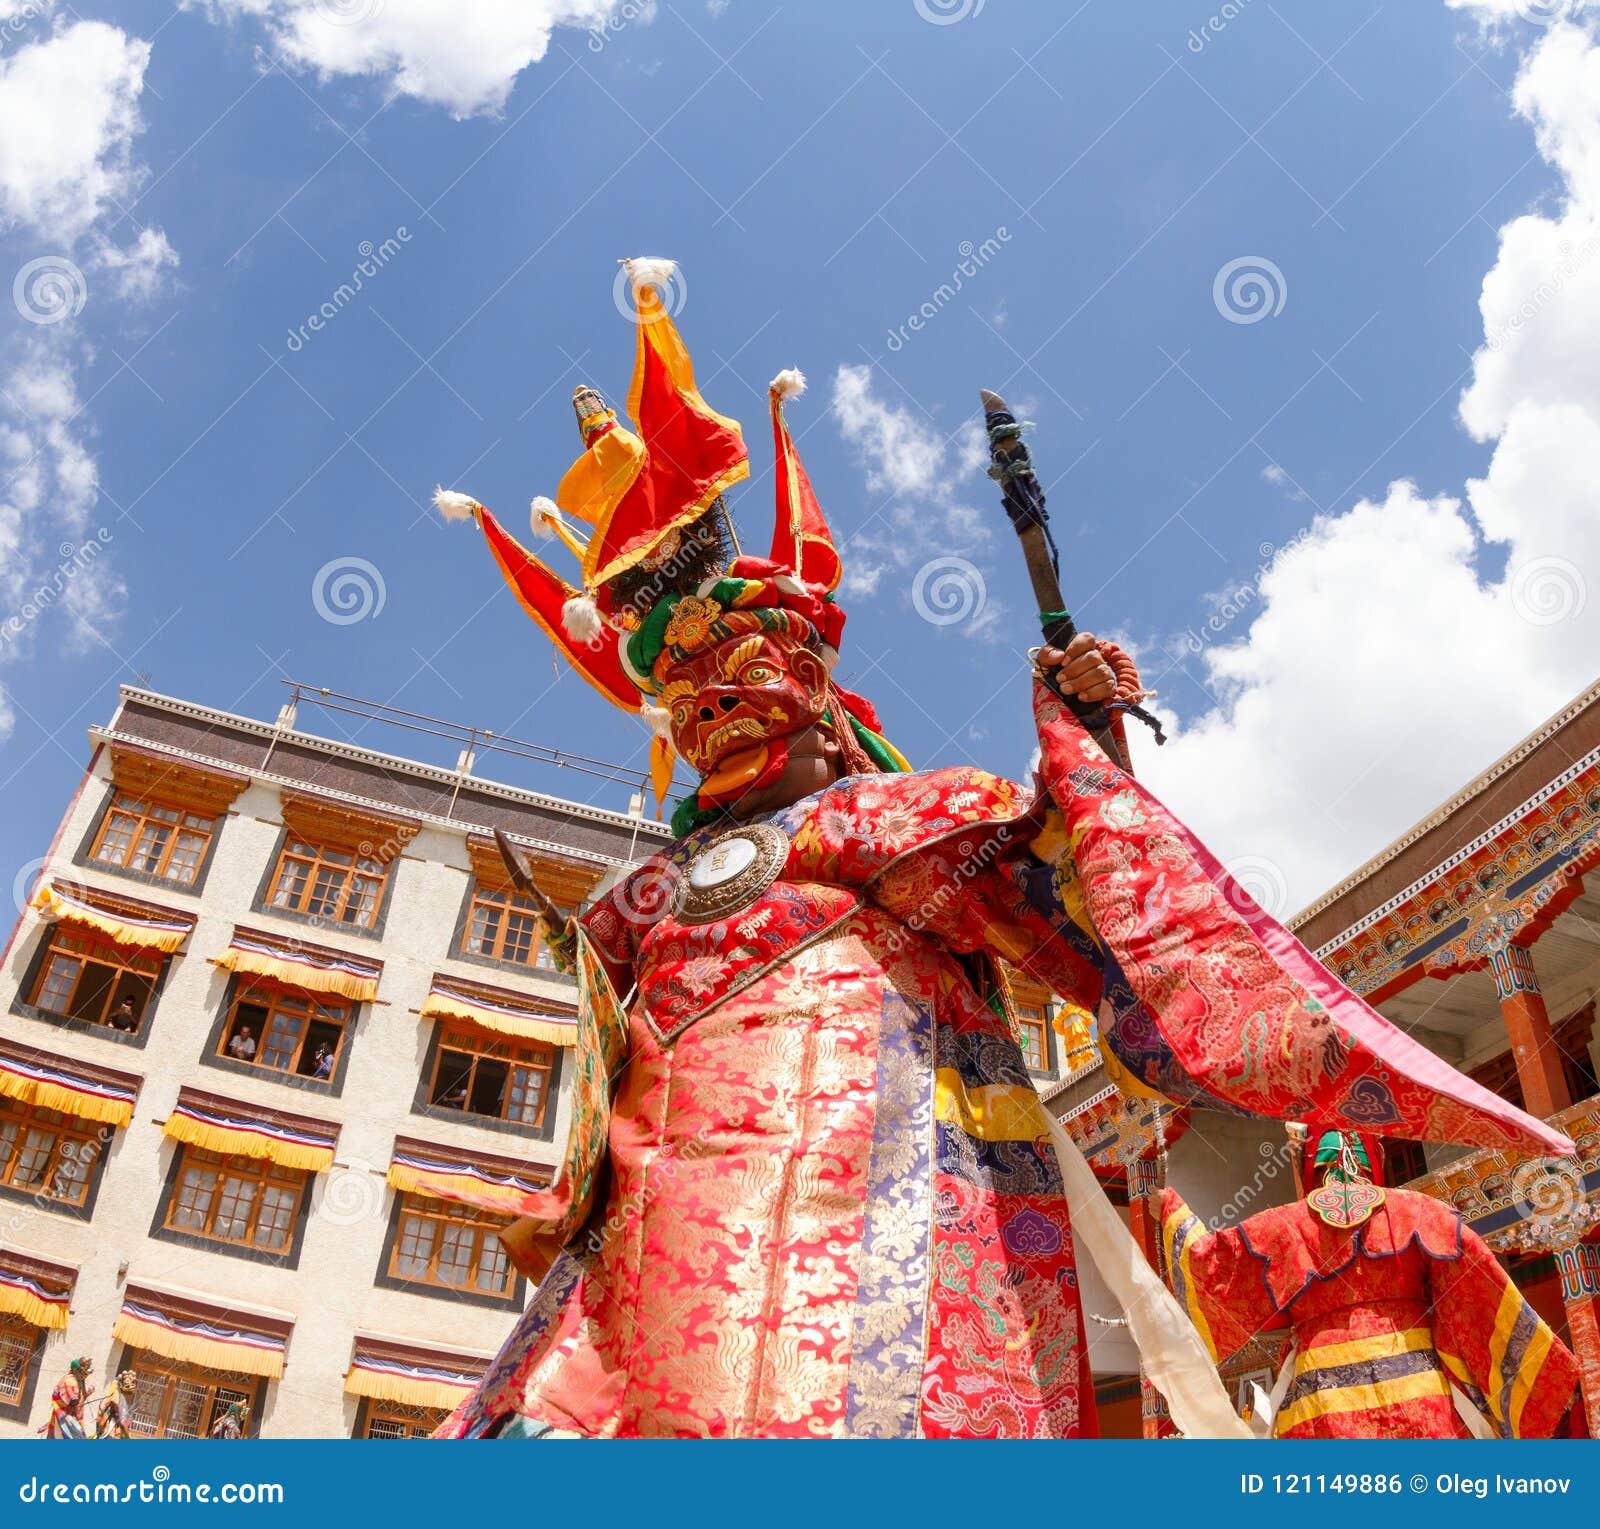 Los monjes realizan una danza enmascarada y vestida religiosa del misterio del budismo tibetano en el festival tradicional de la